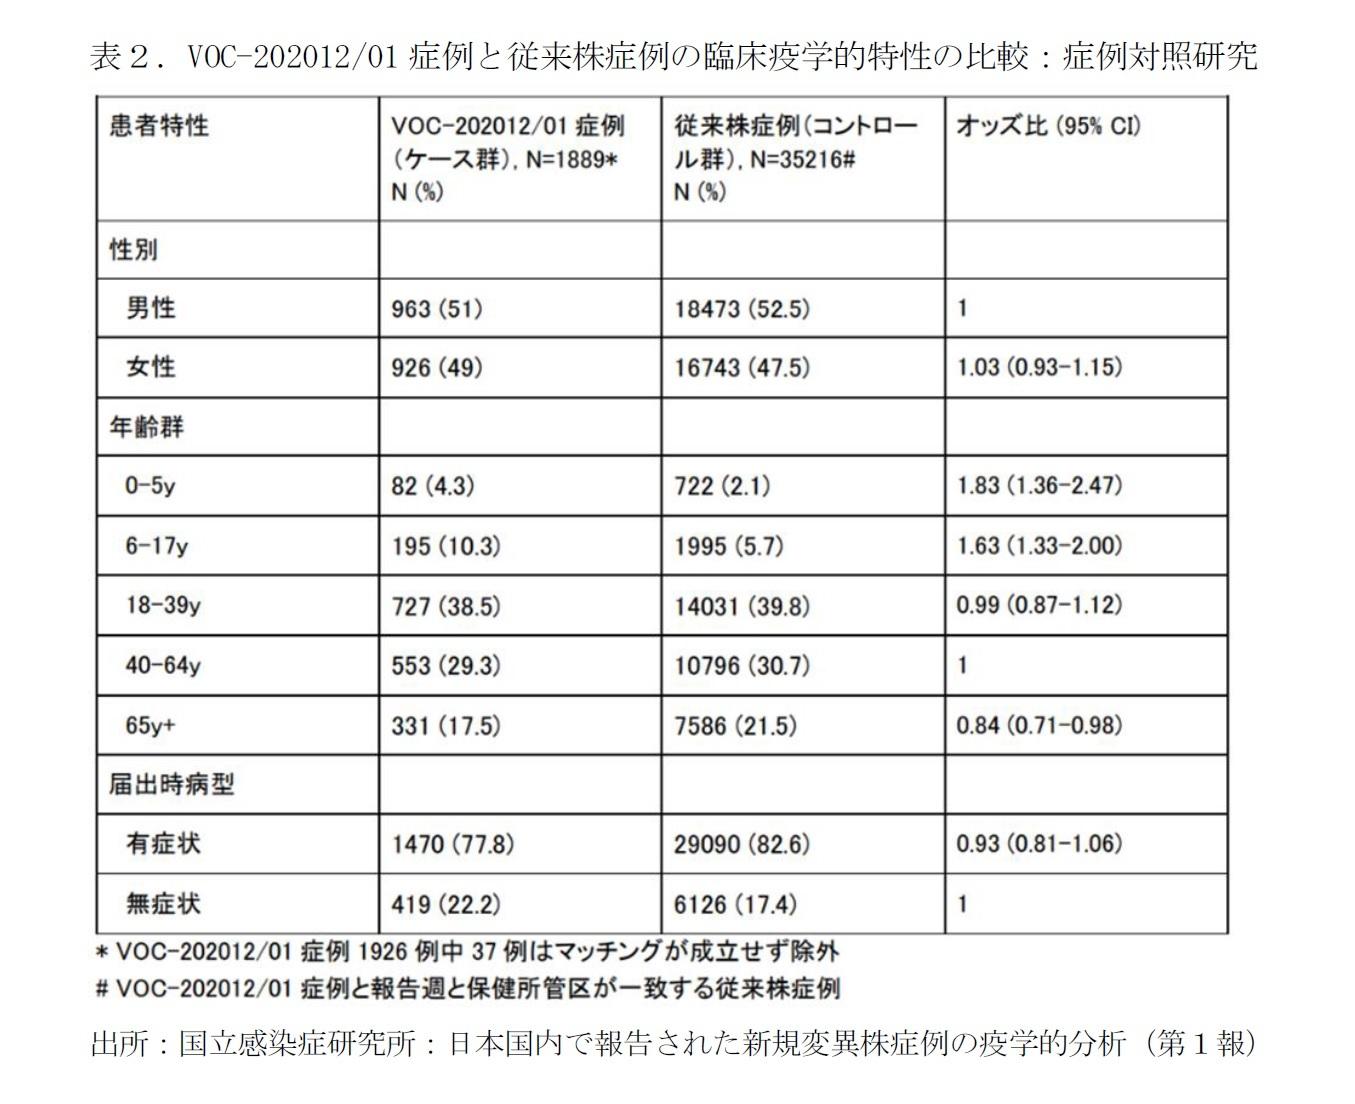 表2.VOC-202012/01症例と従来株症例の臨床疫学的特性の比較:症例対照研究